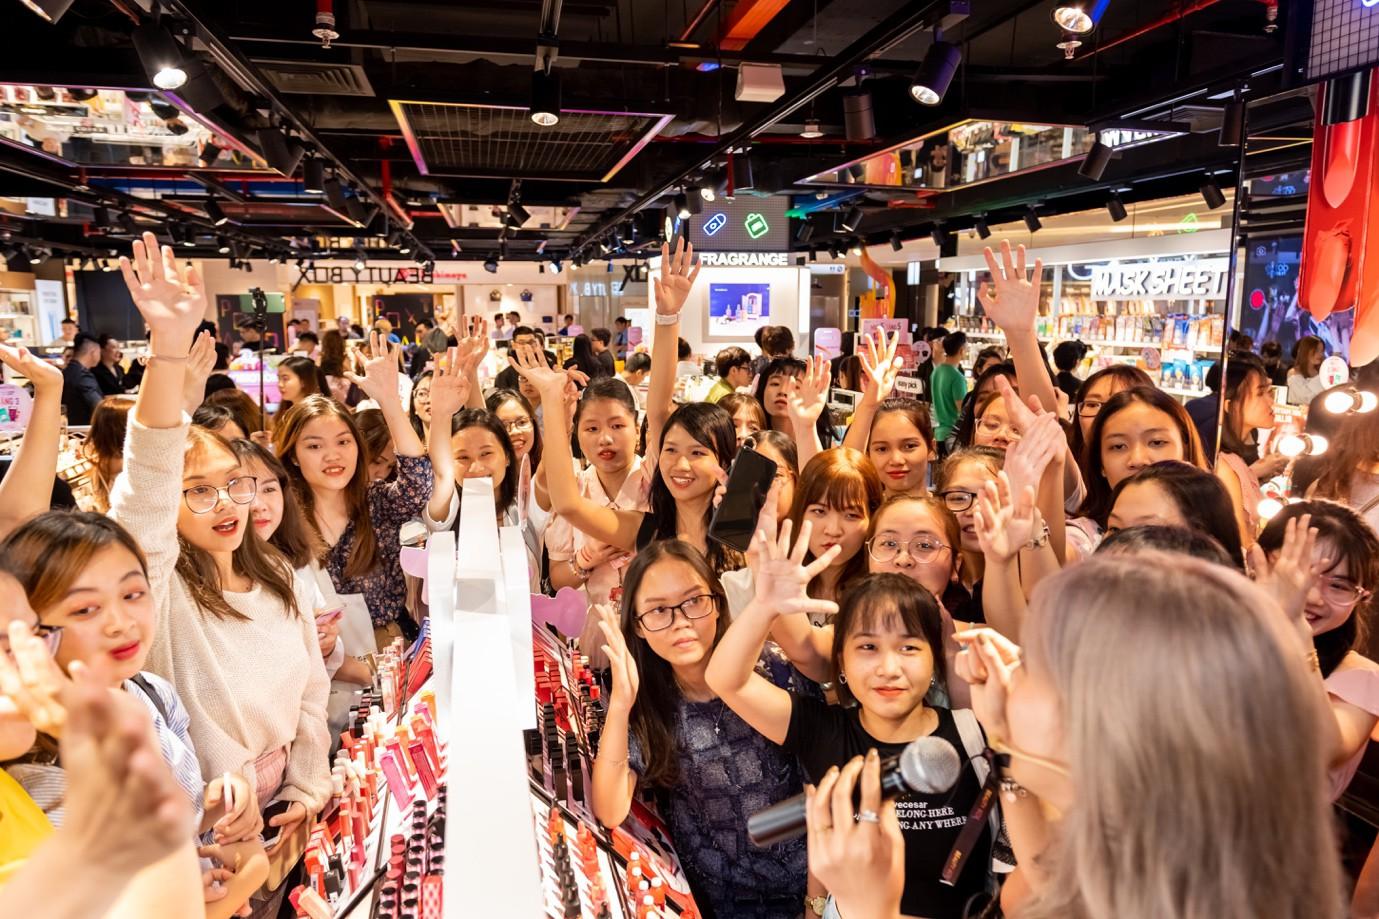 """Hơn 3.000 chị em hưởng ứng tuyên ngôn """"Đẹp bất chấp"""" cùng Beauty Box tại flagship store """"siêu hoành tráng"""" - Ảnh 4."""